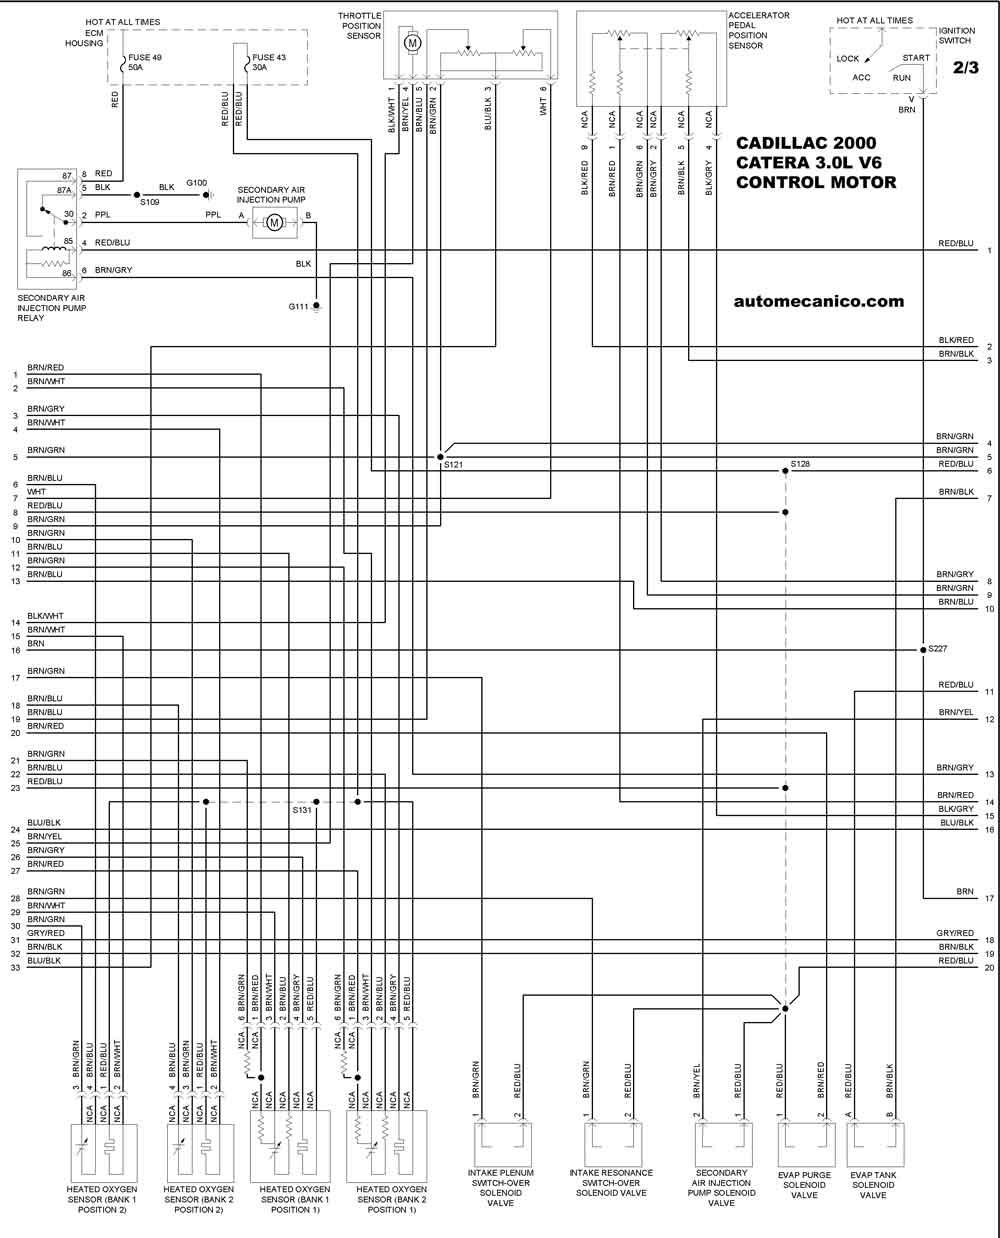 cadillac 2000 - diagramas control del motor - graphics - esquemas